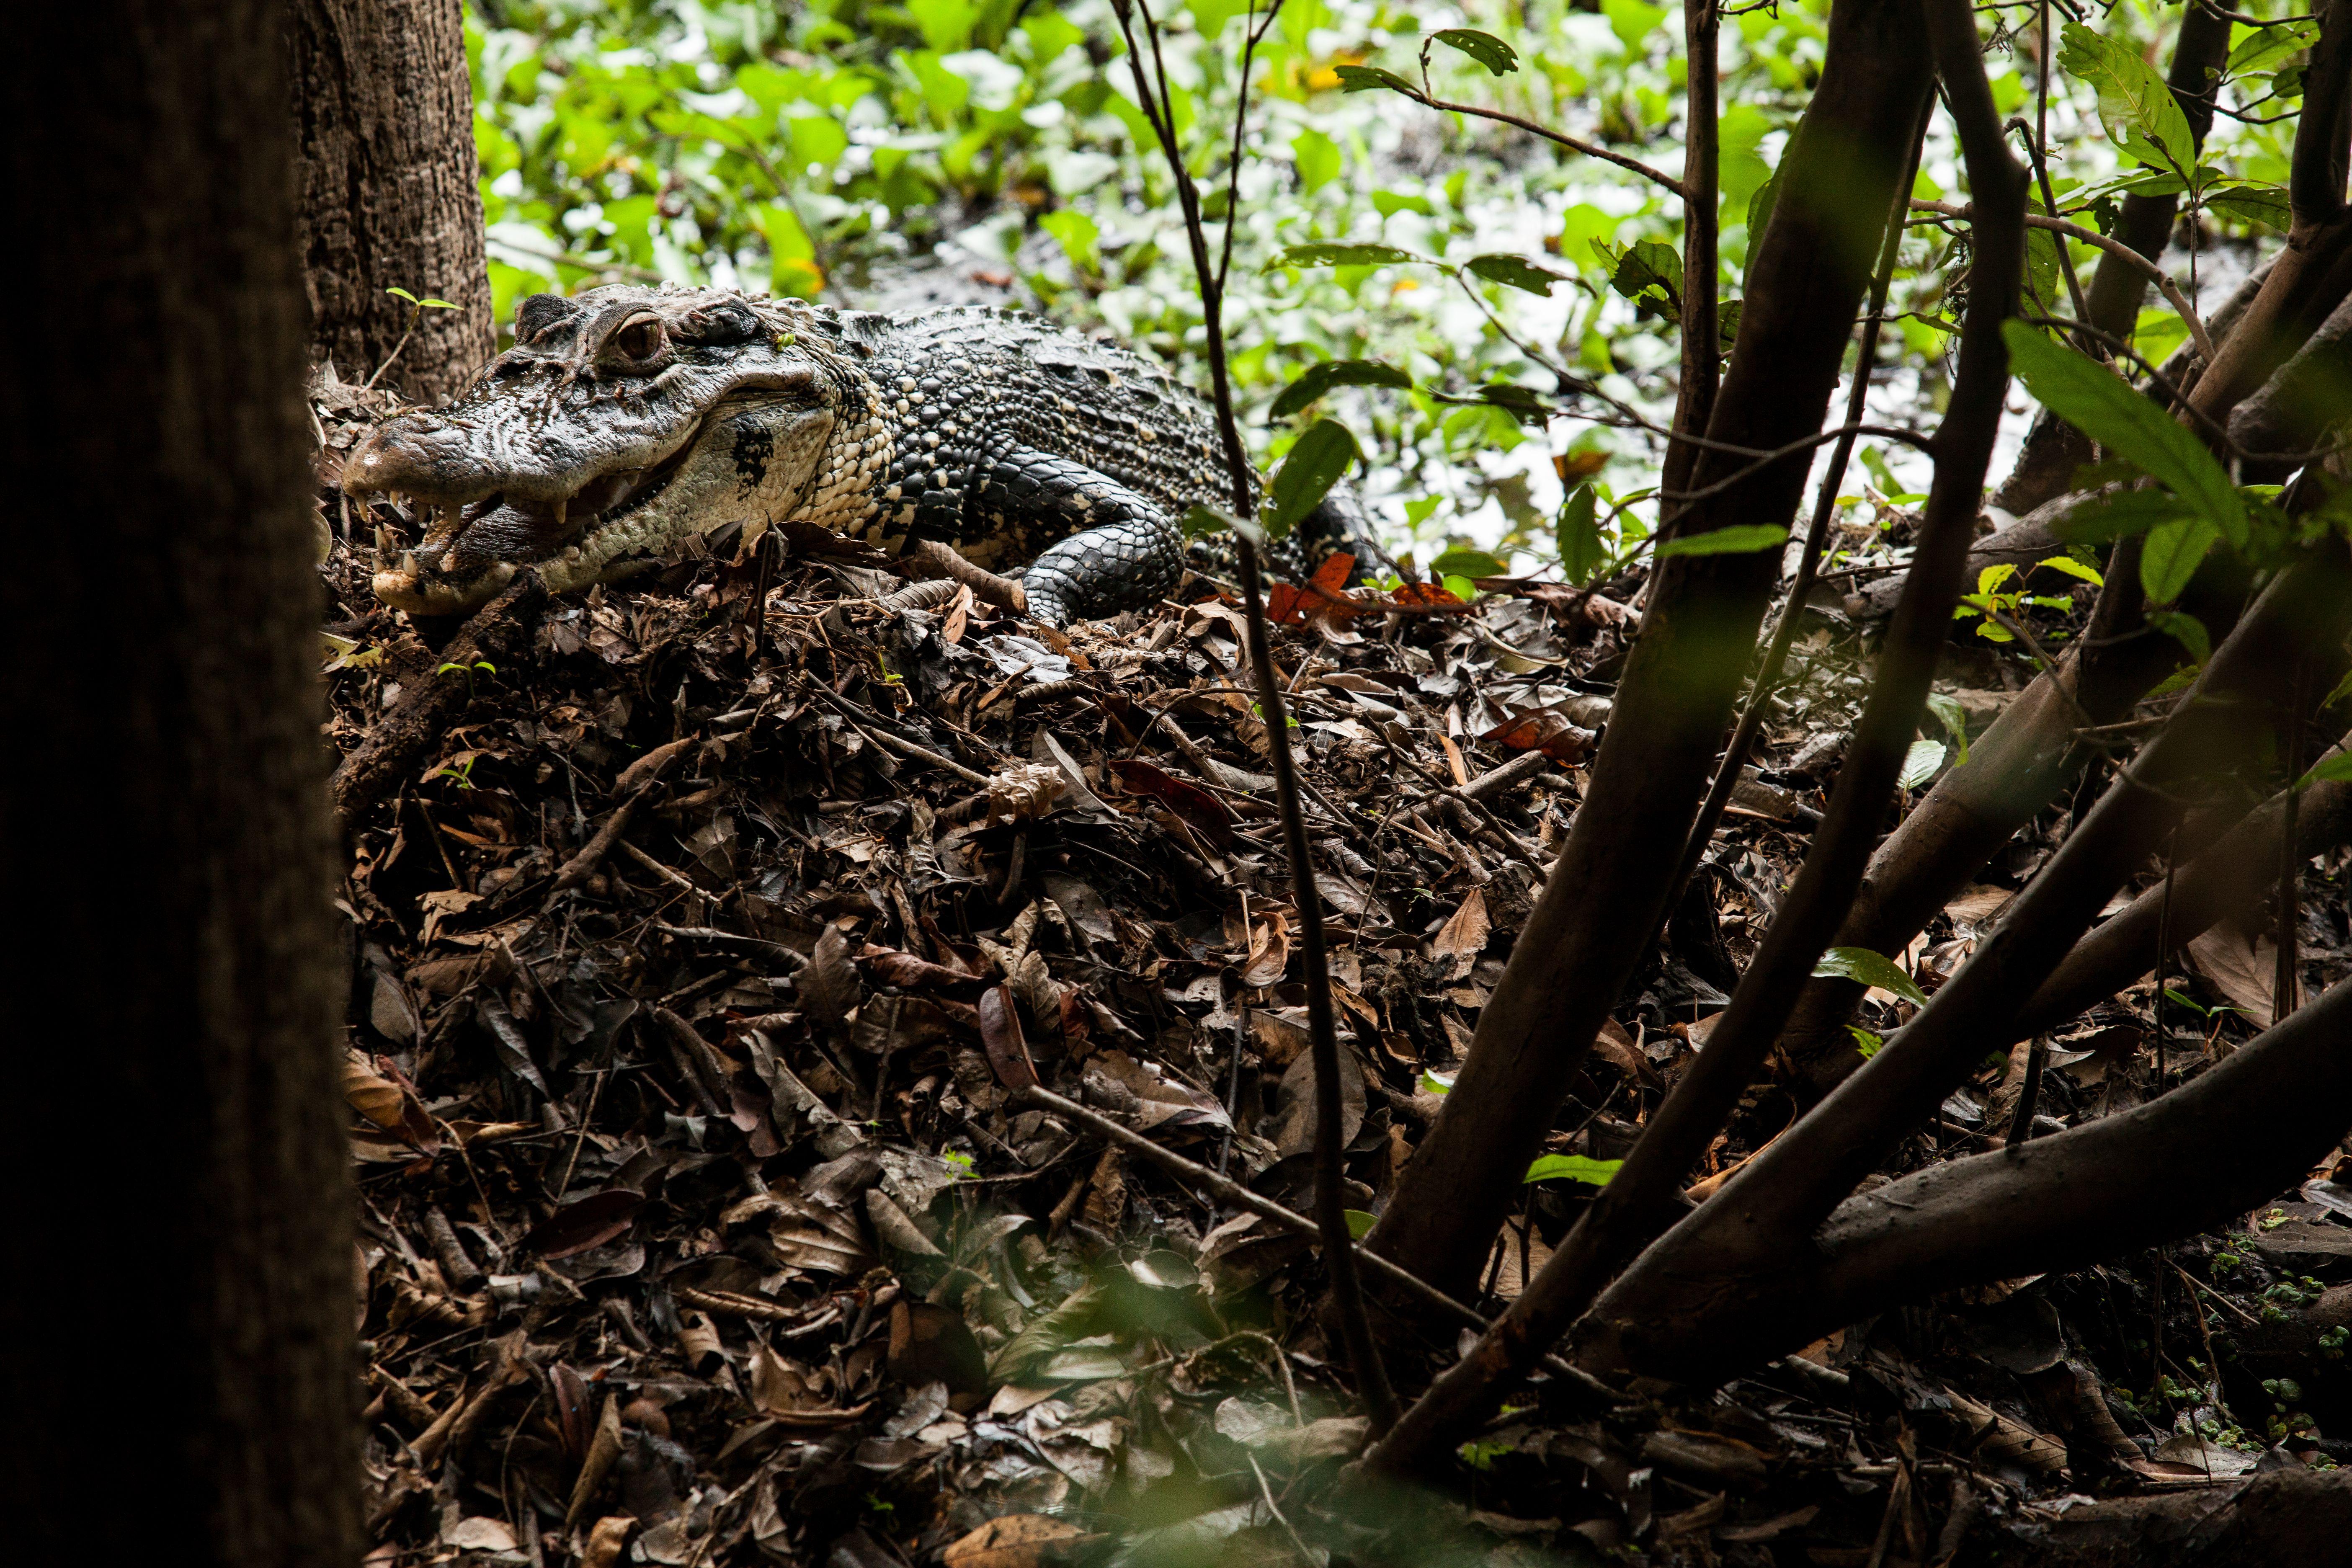 El caimán negro ya se puede ver en las periferias de ciudades como Manaos. Foto: Rafael Forte.